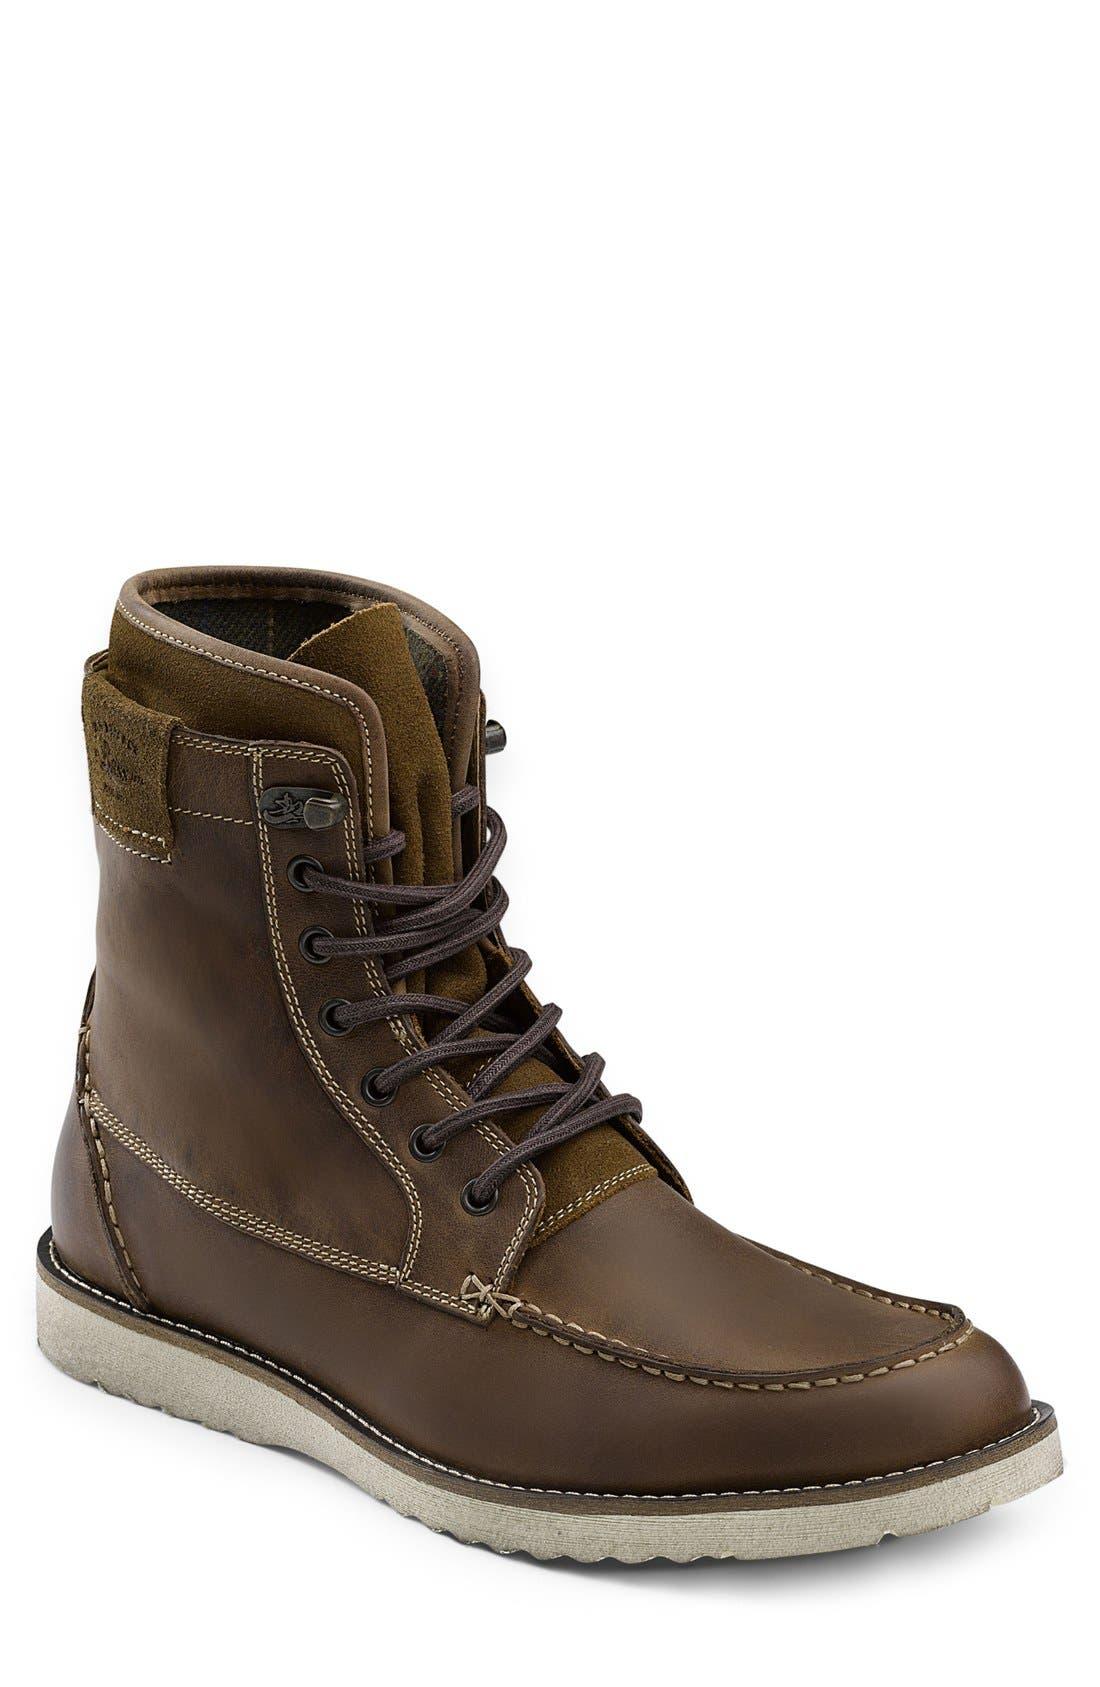 G.H. Bass & Co. Moc Toe Boot (Men)